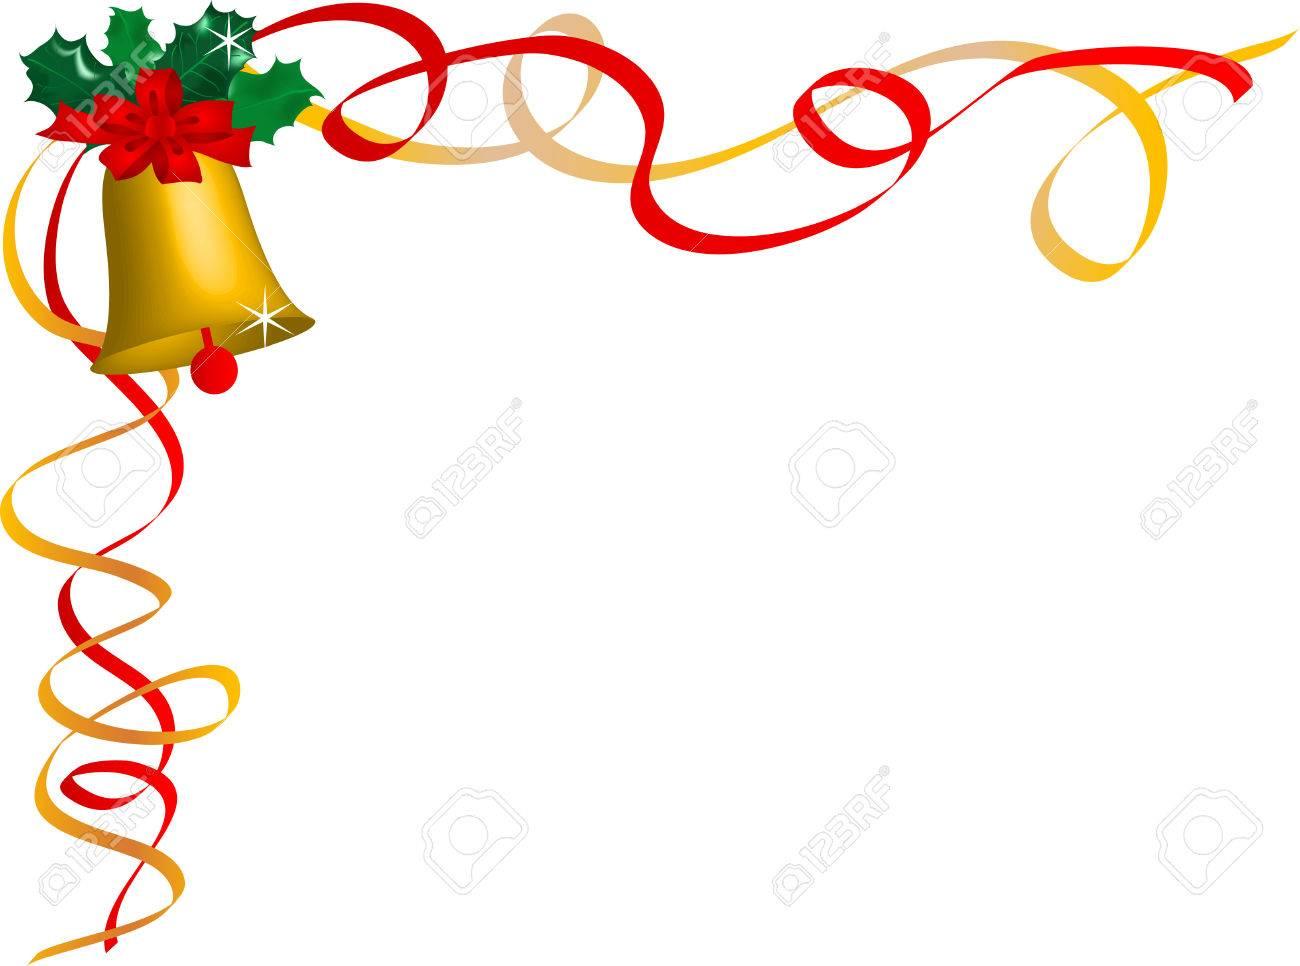 Weihnachten Rahmen Mit Holly Und Bänder Lizenzfrei Nutzbare